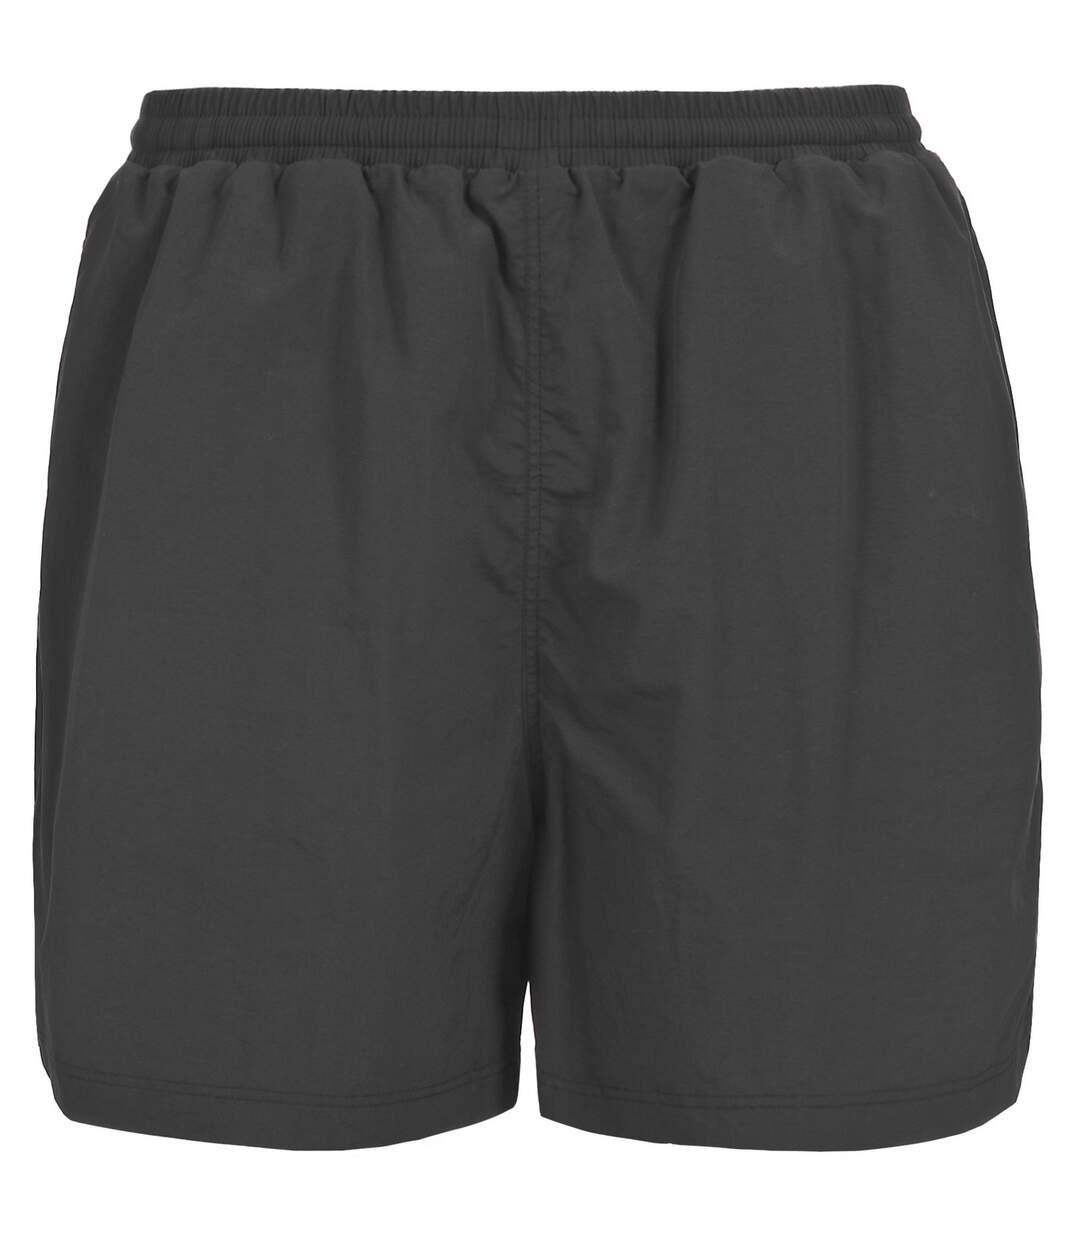 Trespass Mens Lamium Elasticated Swim Shorts (Black) - UTTP237